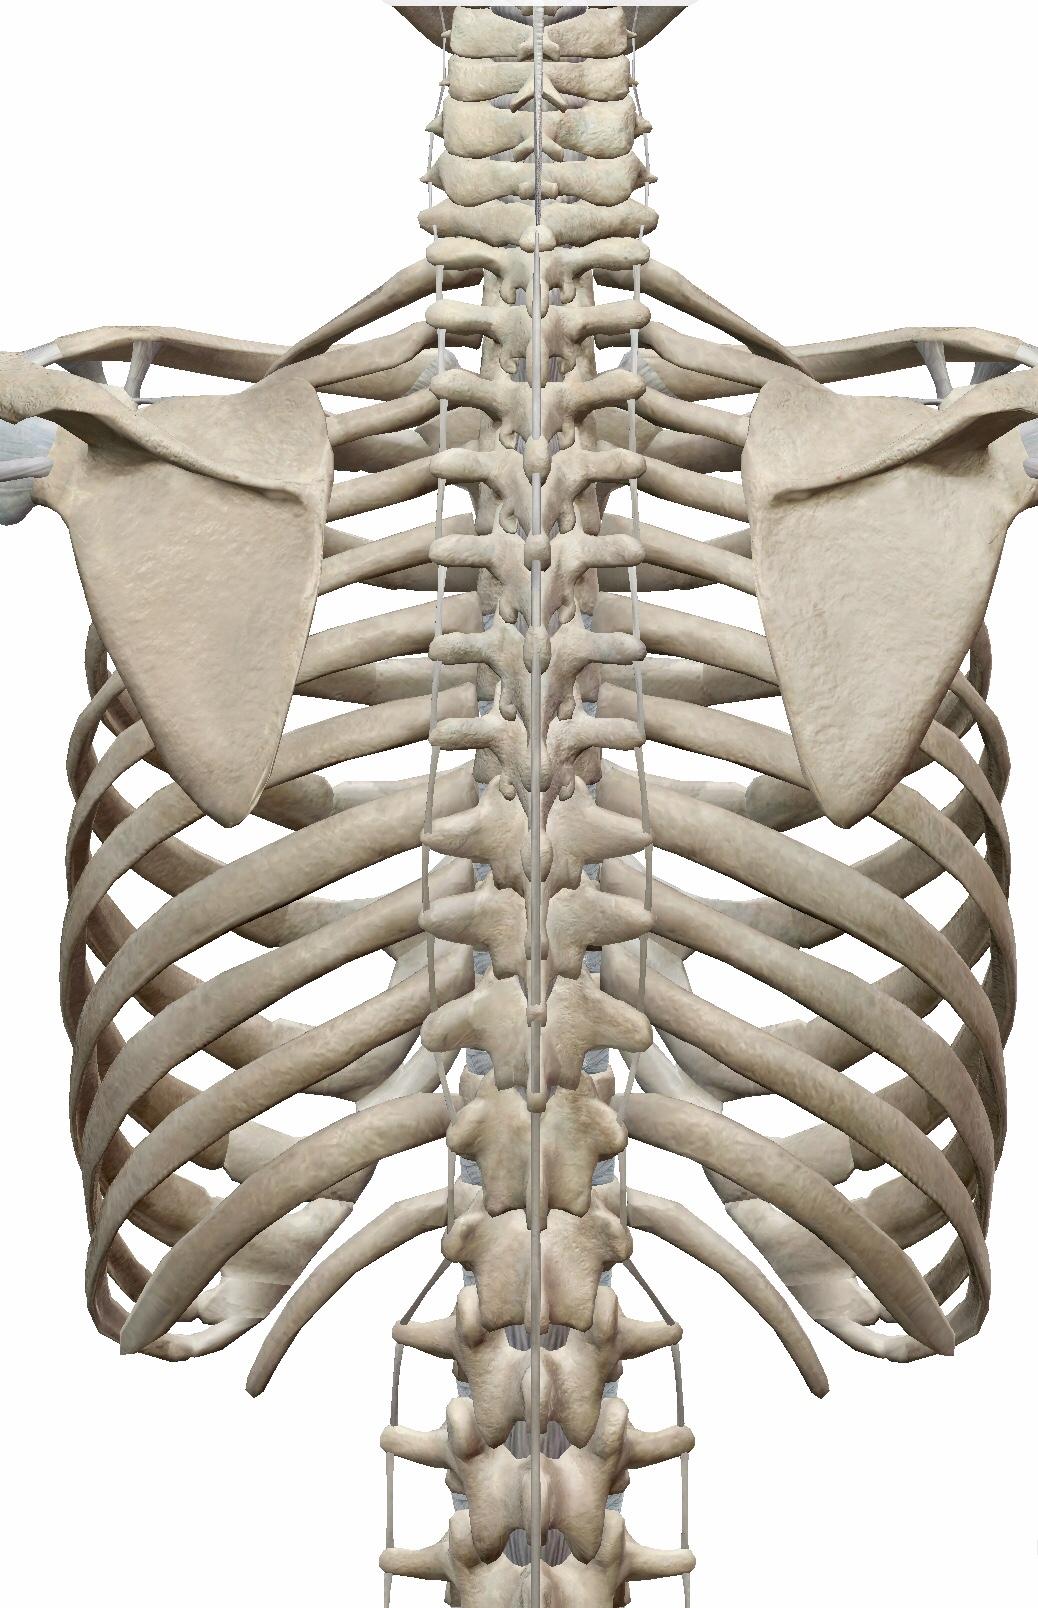 症状 肋骨 ヒビ 肋骨骨折のリアル:症状や治療方法、完治までの生活をまとめてみた